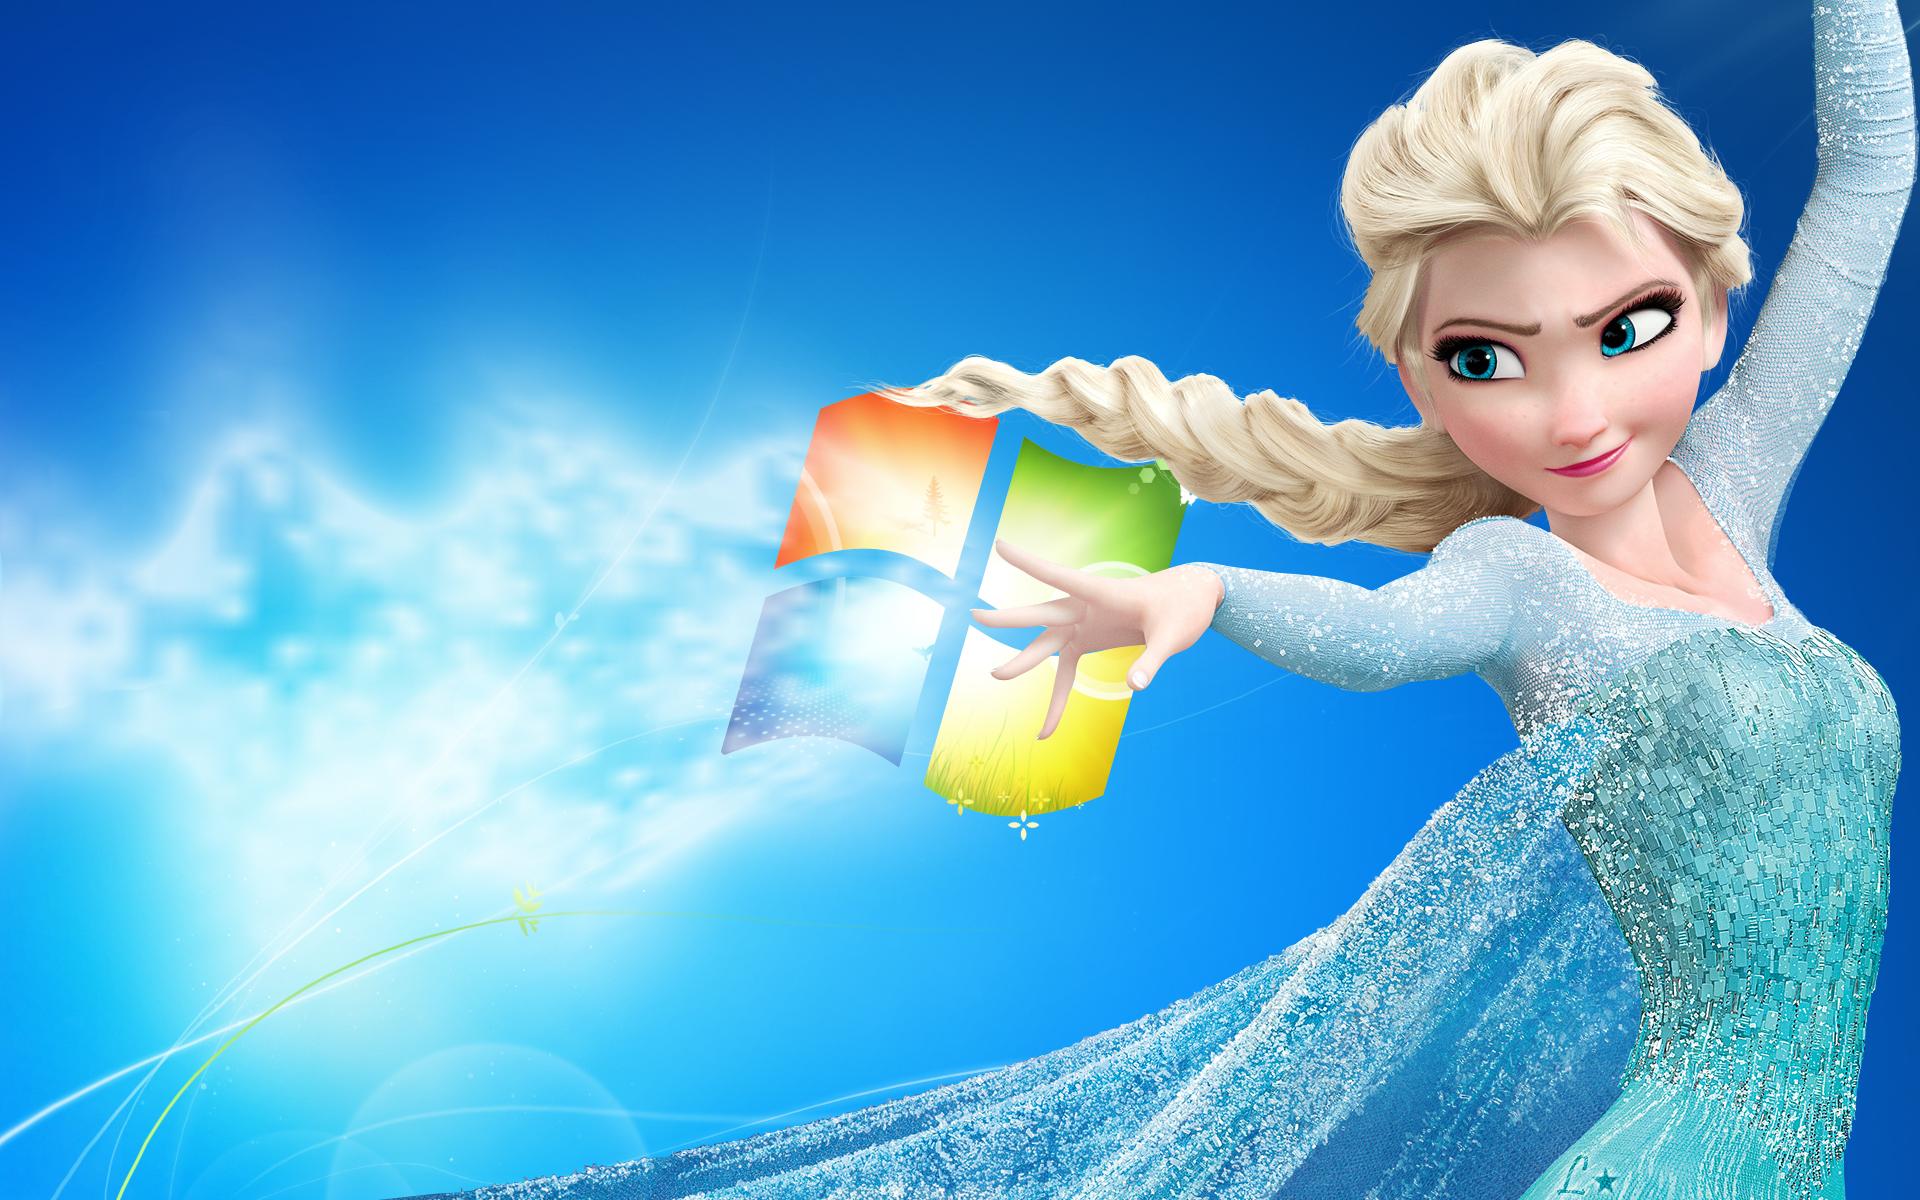 Windows 10 Frozen